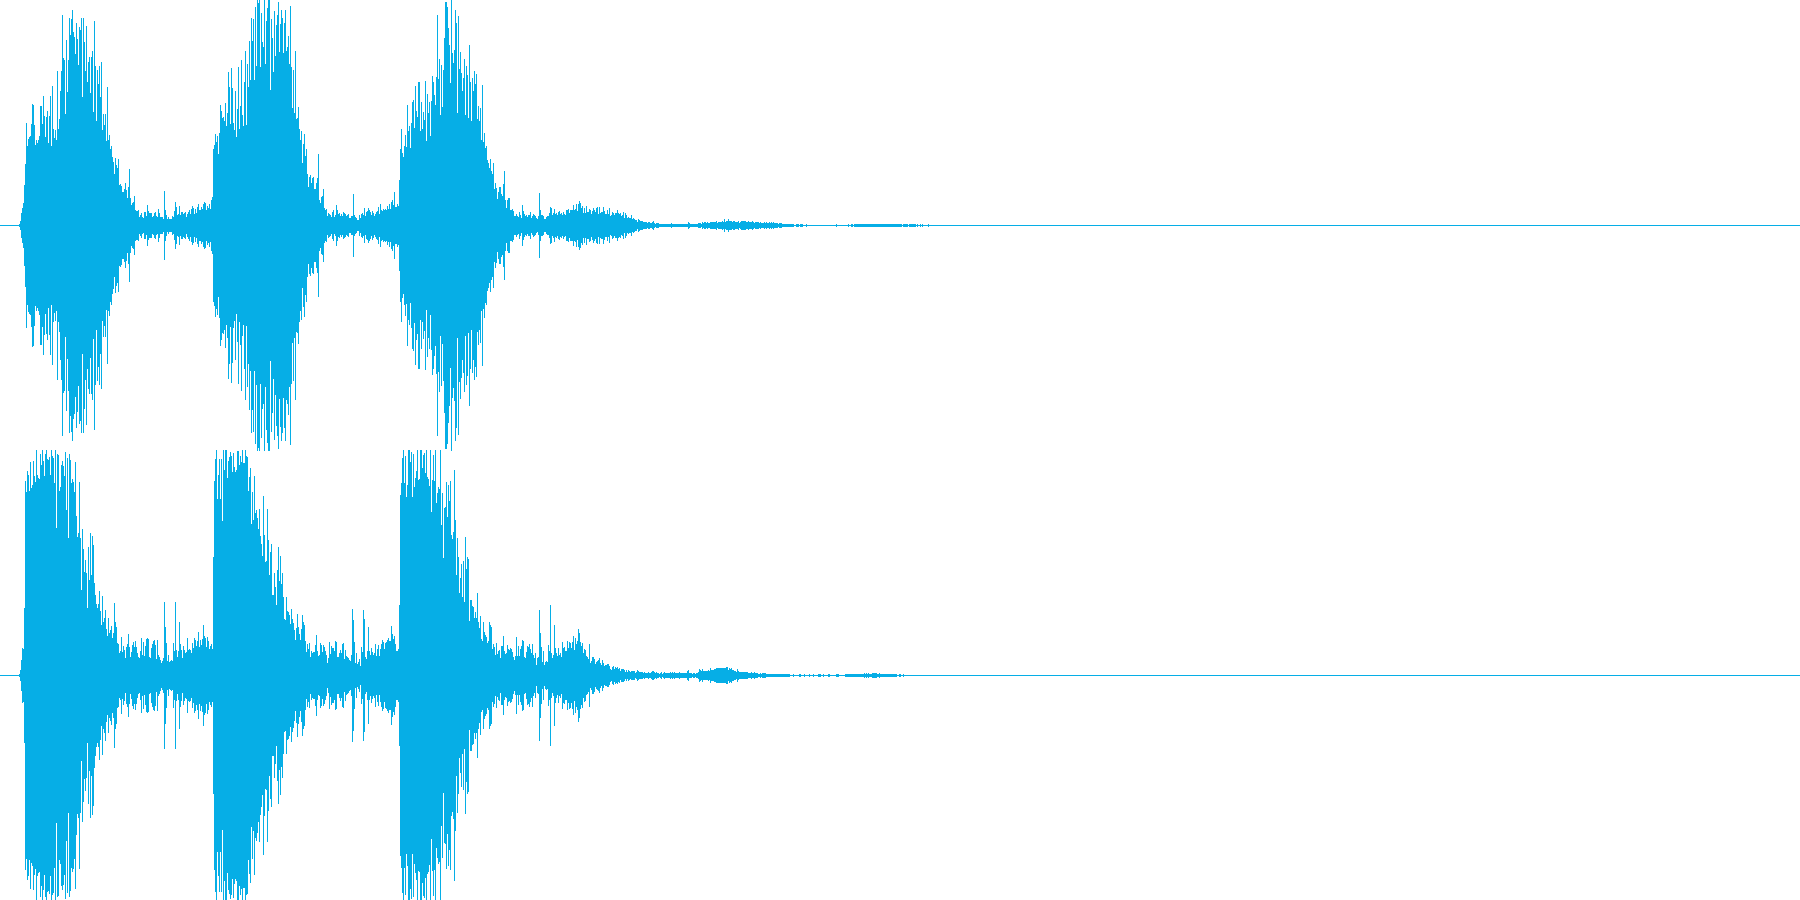 シャッシャッシャッ(振りかけ、塩)の再生済みの波形